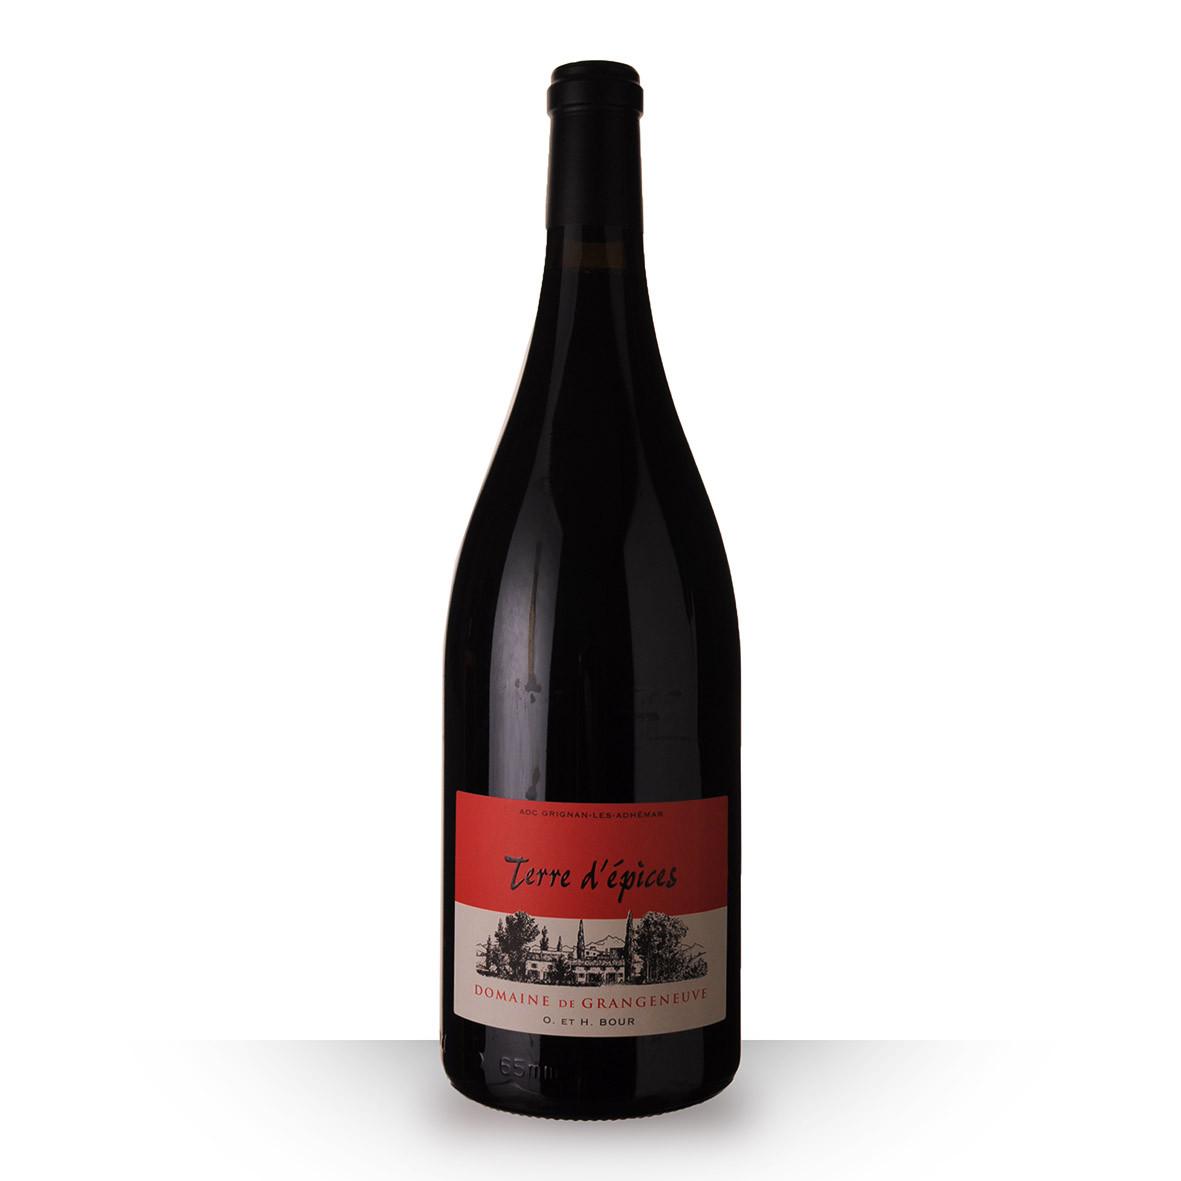 Domaine de Grangeneuve Terre dEpices Grignan-Les-Adhémar Rouge 2019 150cl www.odyssee-vins.com